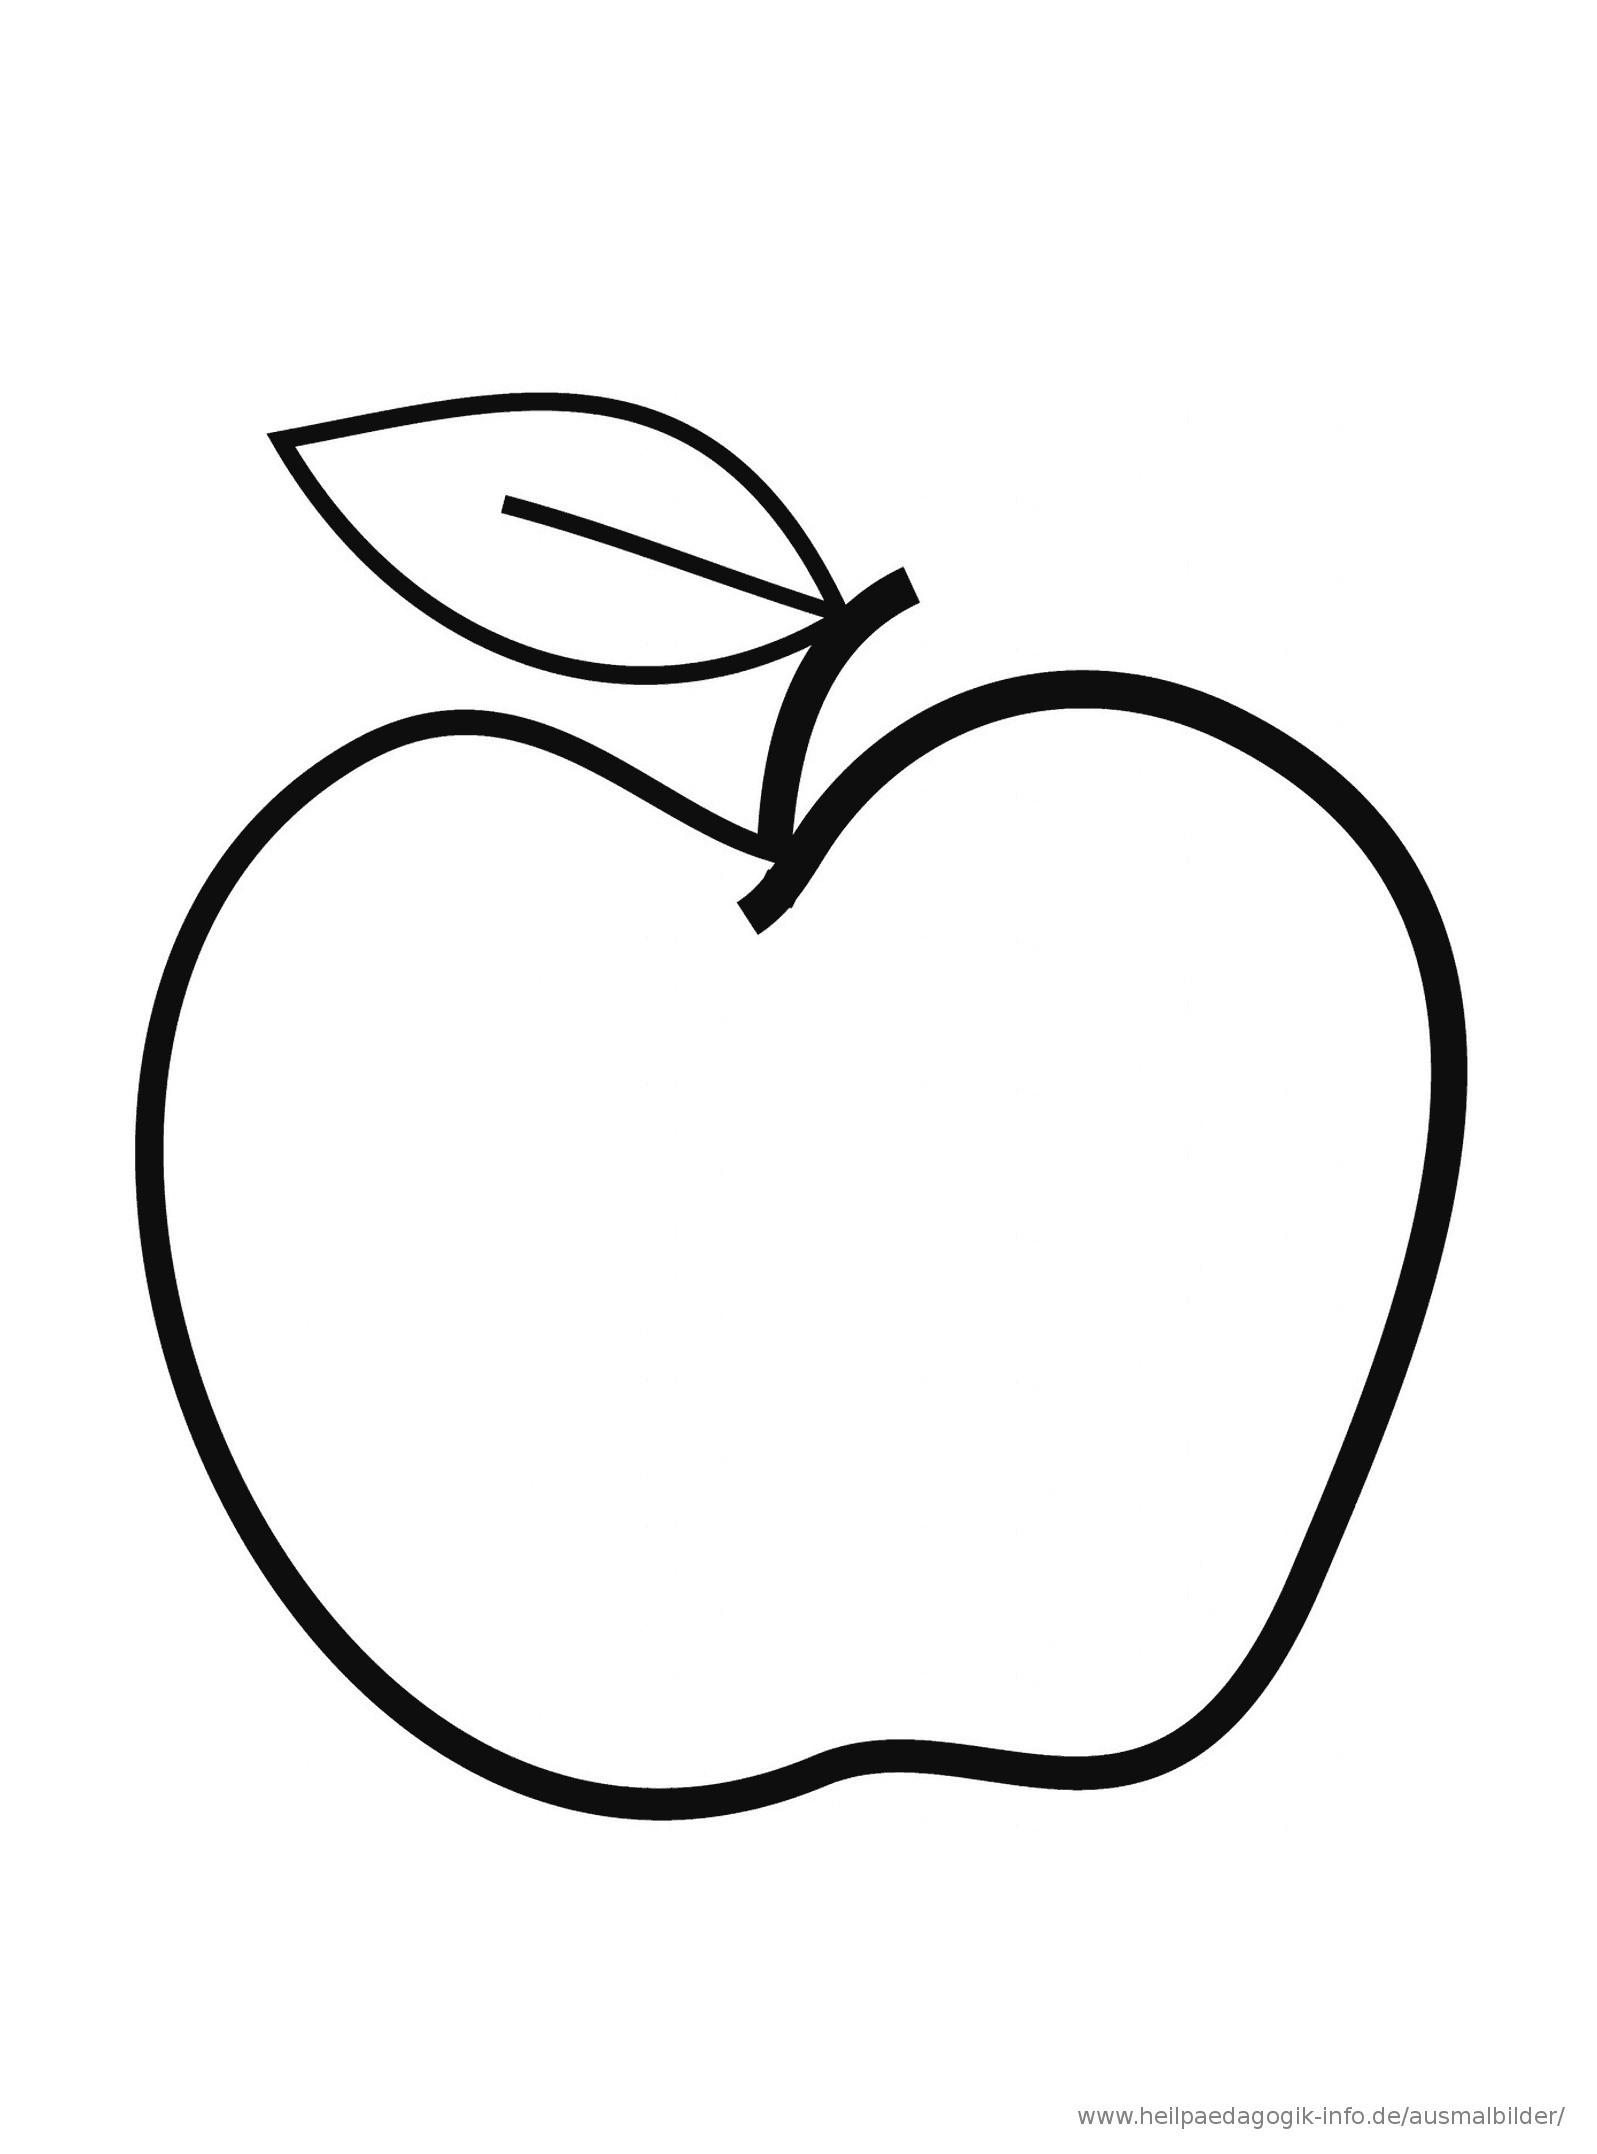 Raupe Nimmersatt Ausmalbild Einzigartig Smiling Apple Schön Kleine Raupe Nimmersatt Ausmalbilder Das Bild